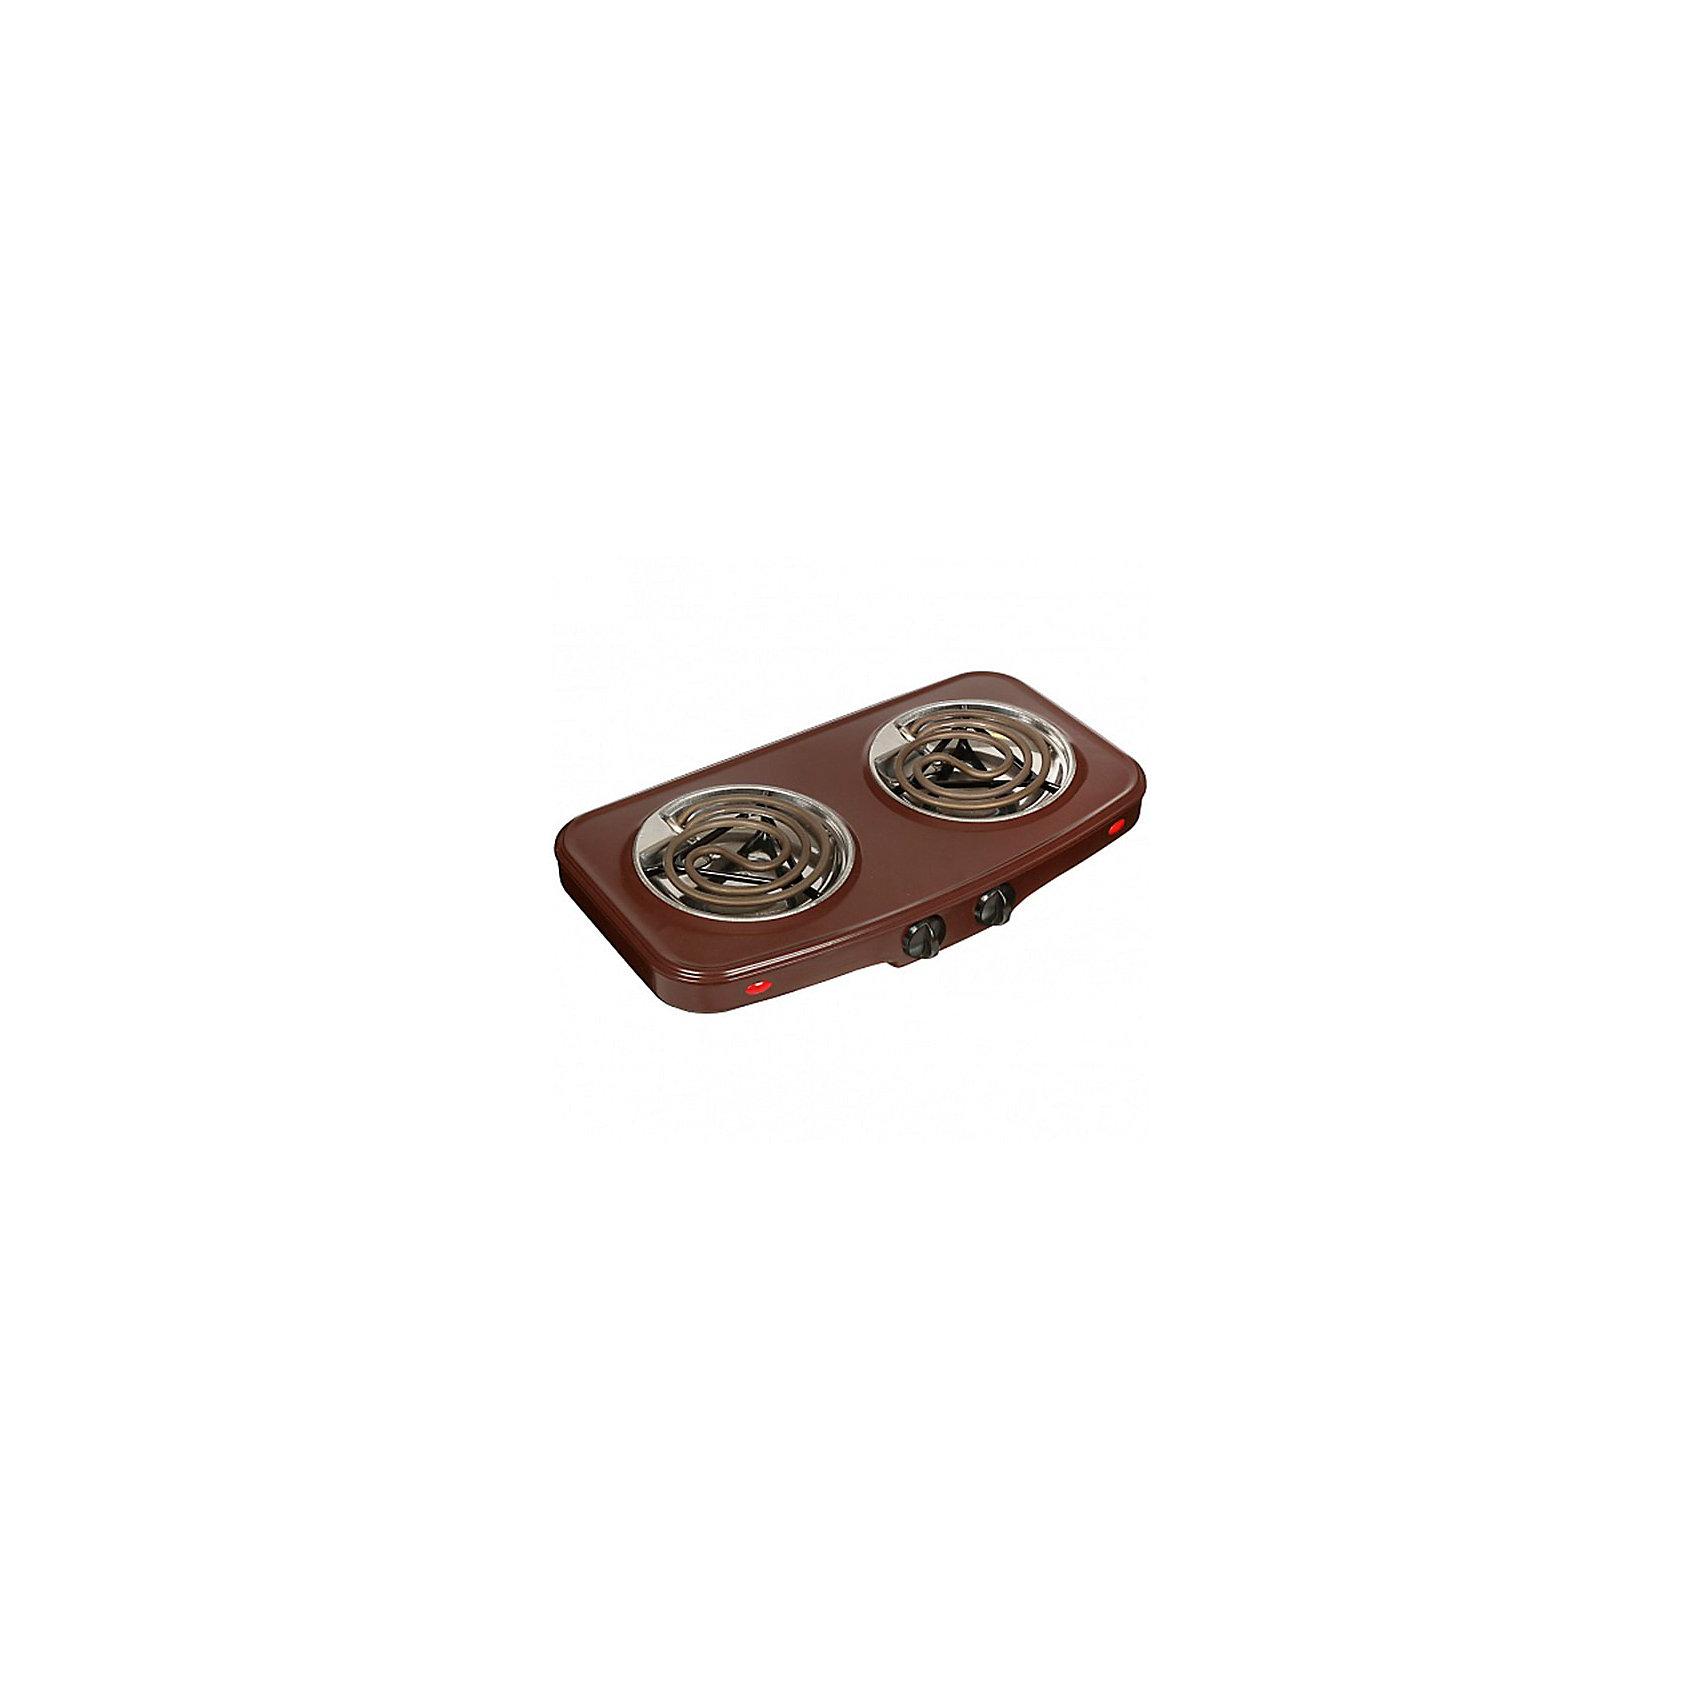 Плитка электрическая ЭПТ-2МД, 2 конф.,ТЭН, чаша из нерж. сталиБытовая техника для кухни<br>Плитка электрическая ЭПТ-2МД, 2 конф.,ТЭН, чаша из нерж. Стали<br><br>Характеристики:<br><br>• две конфорки<br>• световые индикаторы<br>• бесступенчатое регулирование мощности<br>• время нагрева до 4-х минут<br>• тип нагревательного элемента: ТЭН<br>• чаша из нержавеющей стали<br>• расход электроэнергии от 0,2 до 1 кВт/ч<br>• напряжение 220В<br>• размер: 52,1х32х8 см<br><br>Электрическая плитка ЭПТ-2МД идеально подойдет для малогабаритных квартир, дачи и при отсутствии плиты. Плитка имеет две конфорки со световыми индикаторами работы. Время нагревания конфорок составляет 4 минуты, что позволит вам достаточно быстро приступить к готовке. Чаша изготовлена из нержавеющей стали. <br><br>Плитку электрическую ЭПТ-2МД, 2 конф.,ТЭН, чаша из нерж. Стали вы можете купить в нашем интернет-магазине.<br><br>Ширина мм: 530<br>Глубина мм: 90<br>Высота мм: 320<br>Вес г: 2280<br>Возраст от месяцев: 216<br>Возраст до месяцев: 1188<br>Пол: Унисекс<br>Возраст: Детский<br>SKU: 5454053